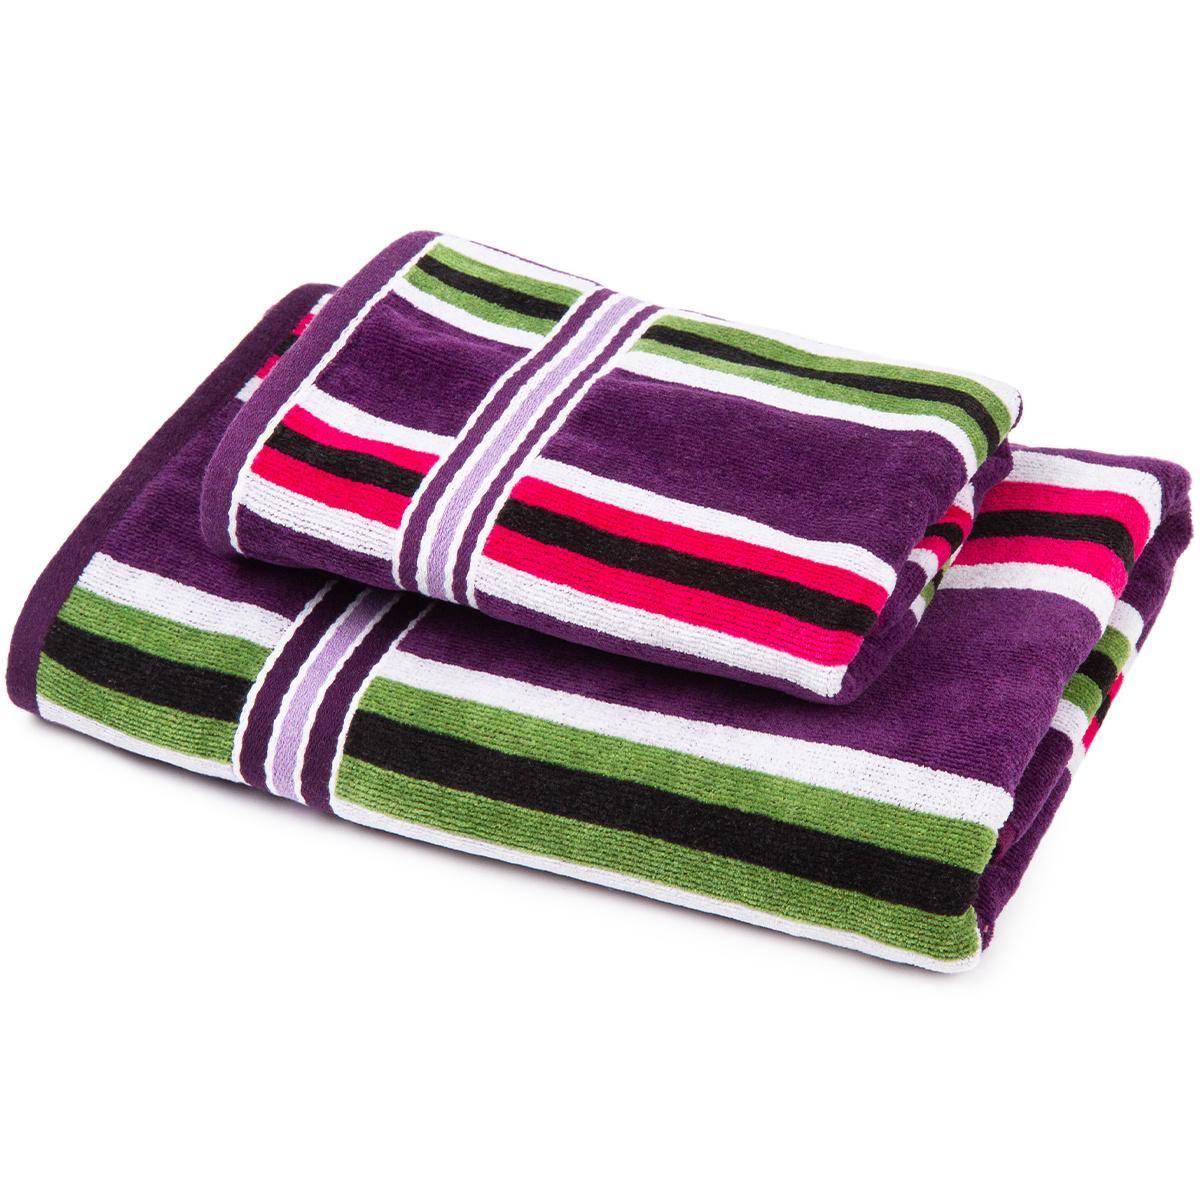 Jahu Sada Stripes Eda ručník a osuška, 70 x 140 cm, 50 x 90 cm